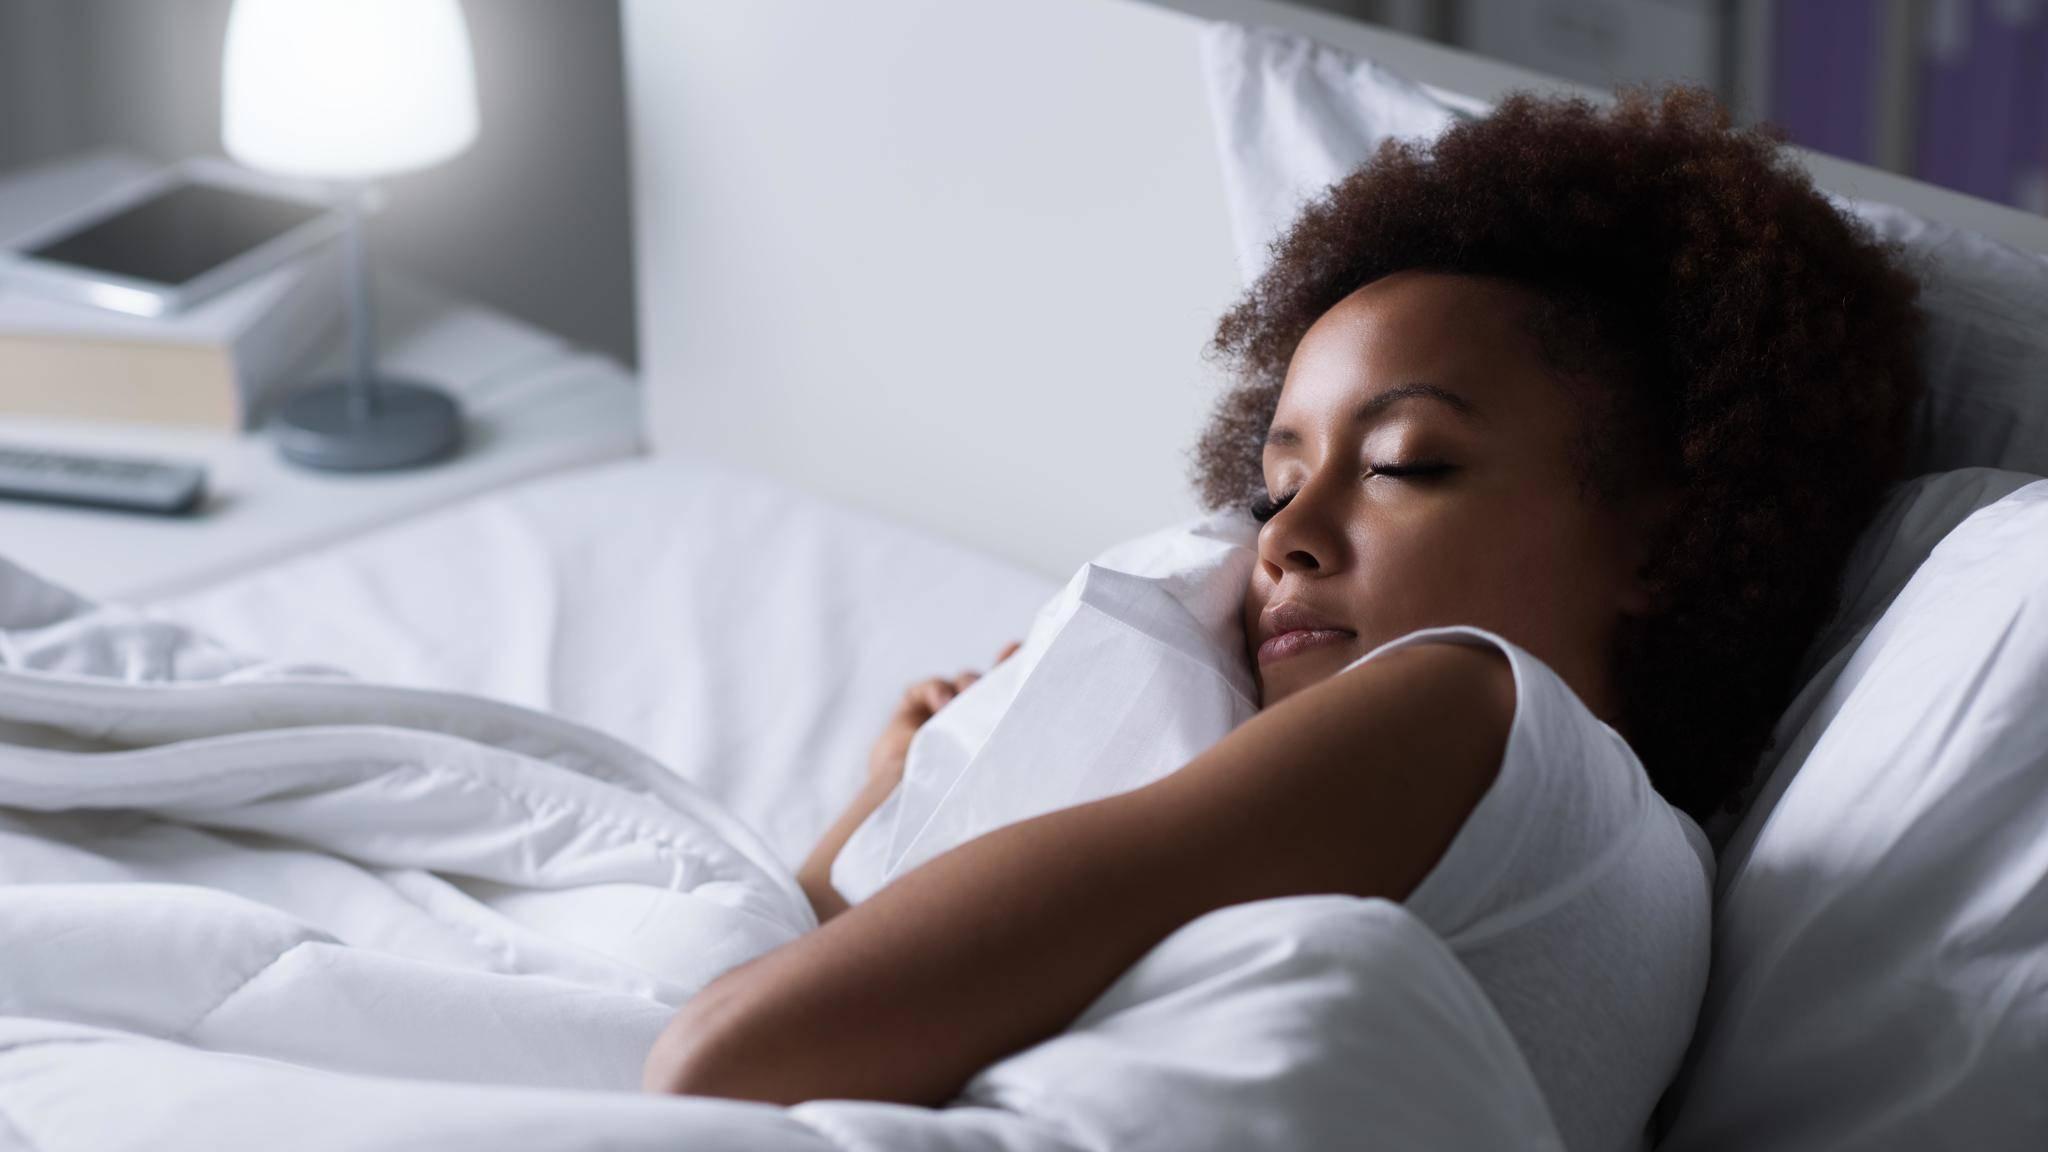 Künftig kann mithilfe der Connect-App von Garmin der Schlaf noch besser überwacht werden.